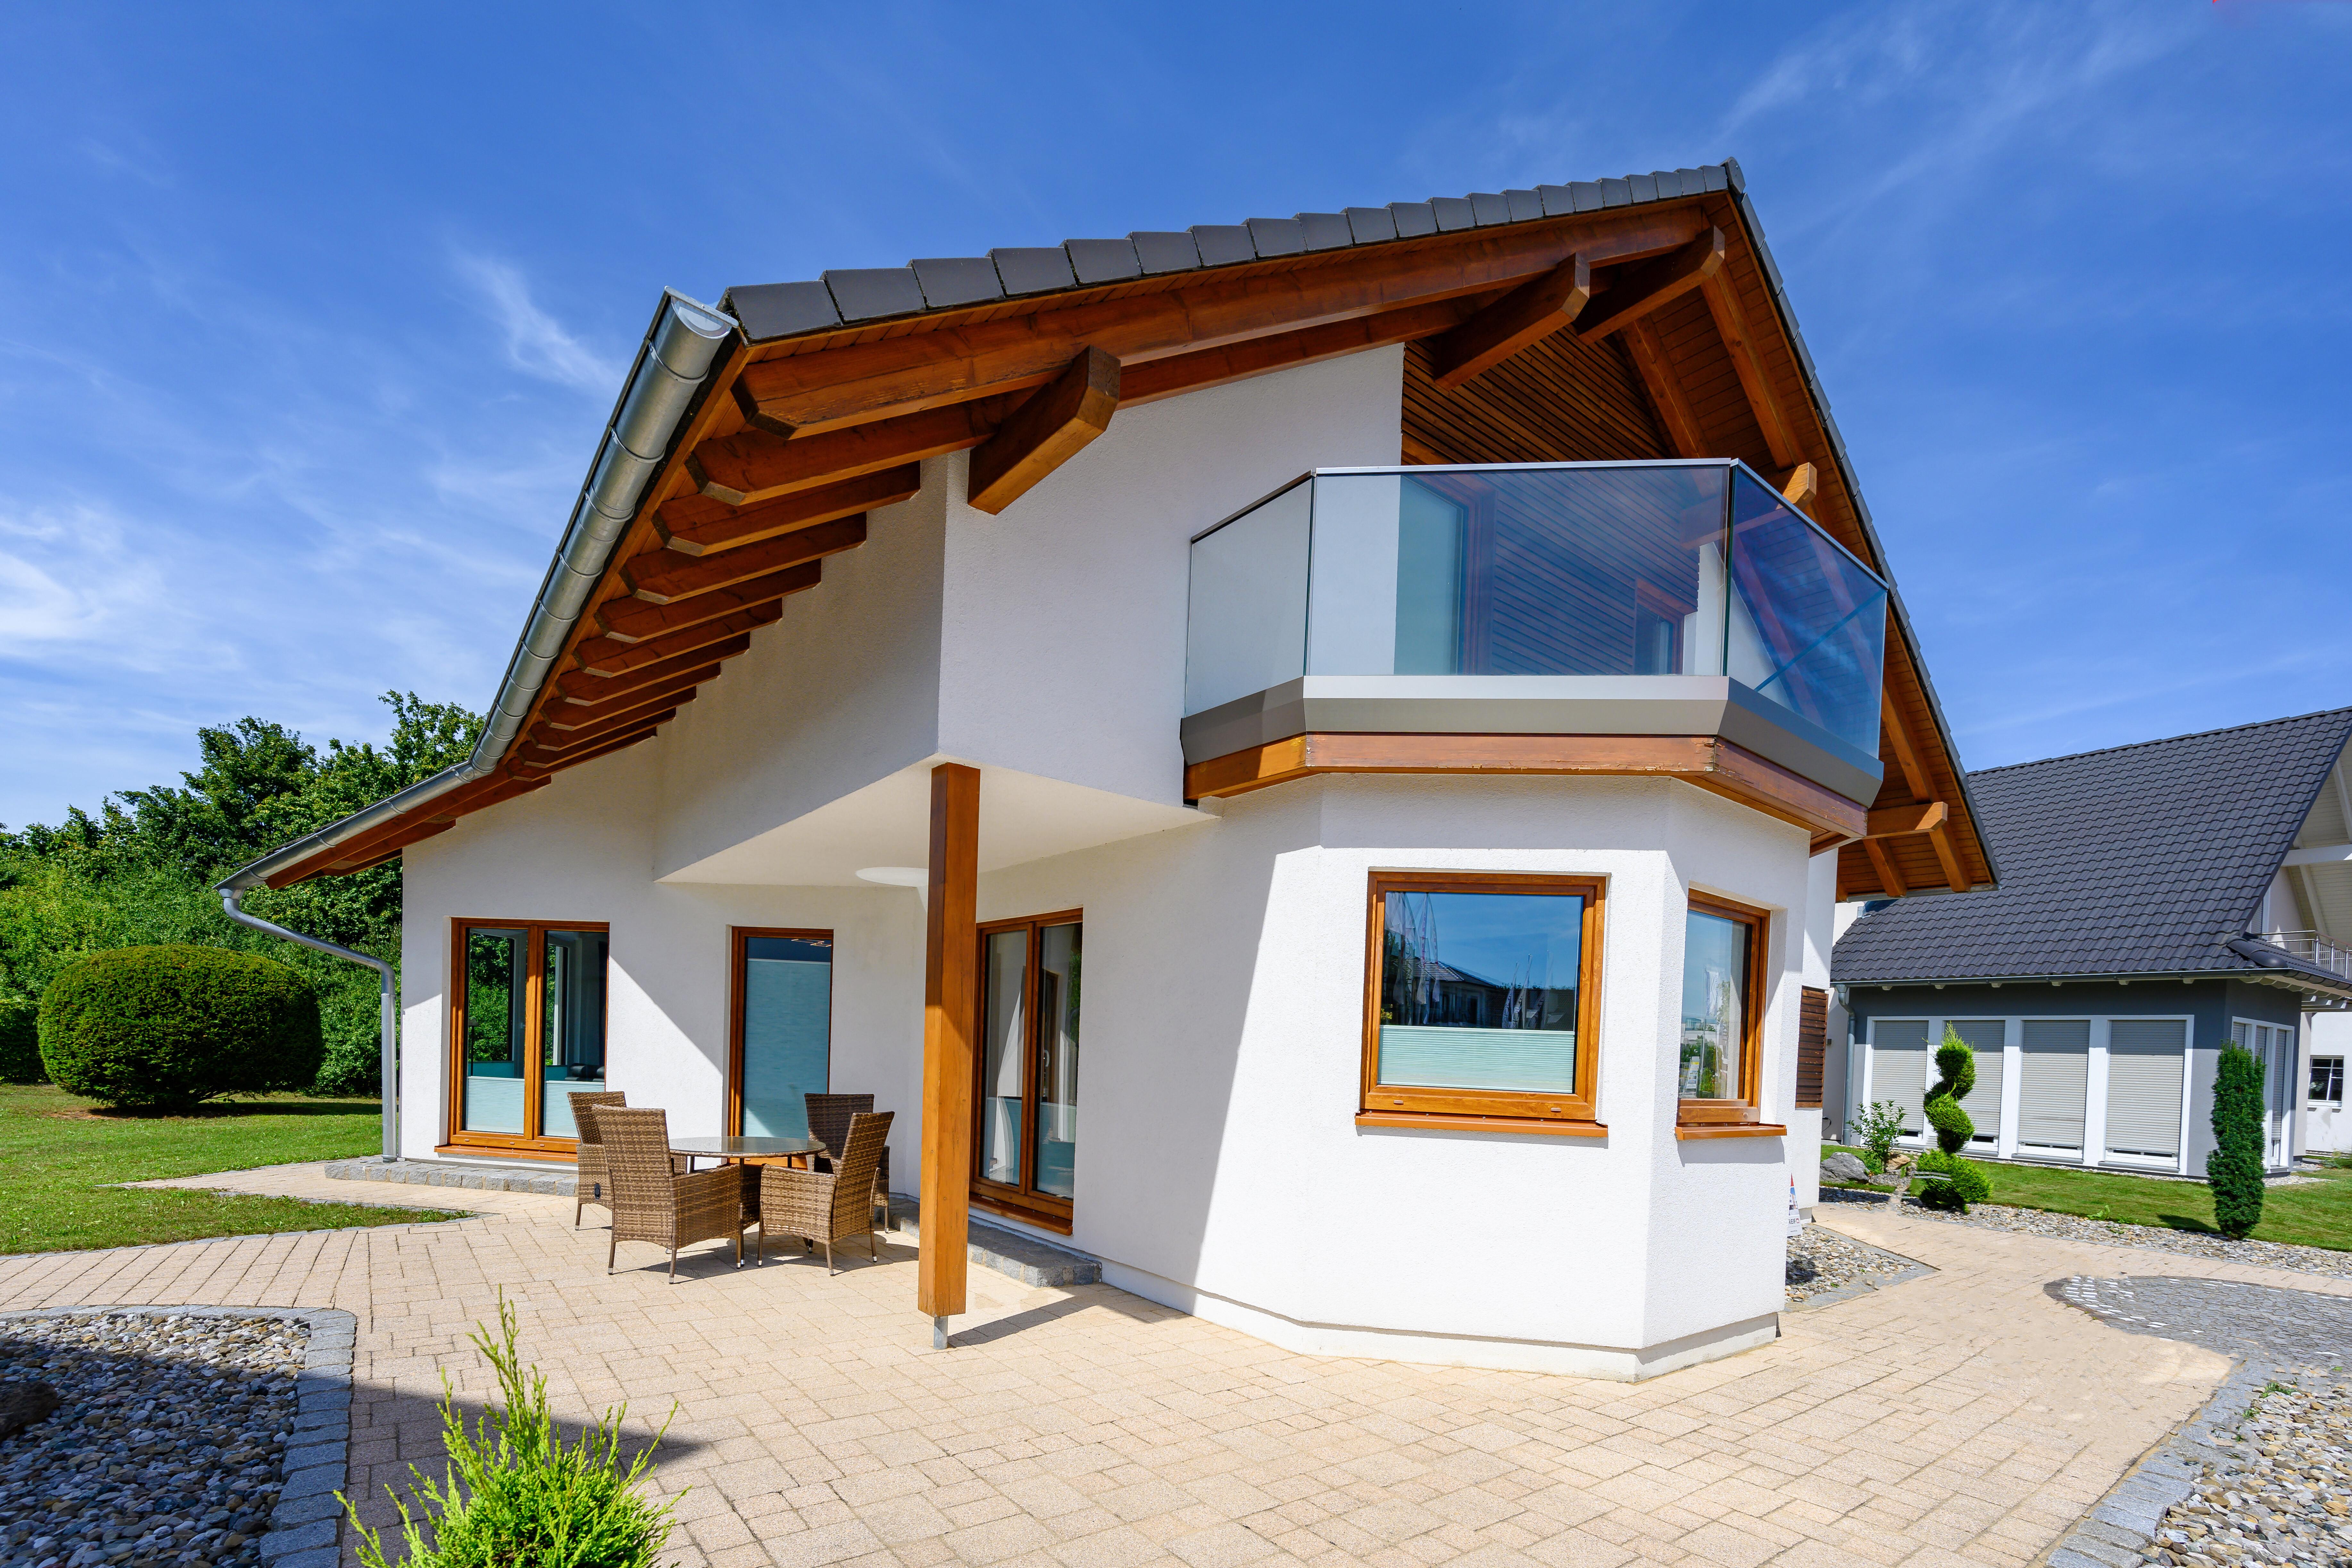 Haus mit Holzdach